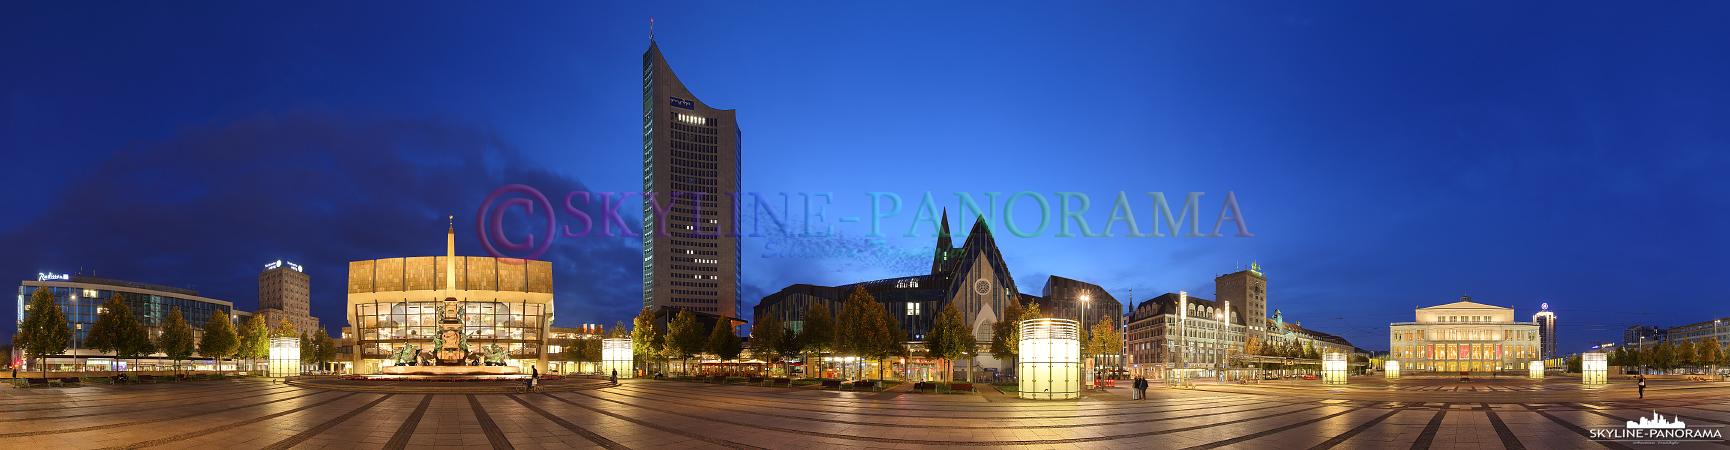 Auf diesem Panorama sind einige der bekanntesten Gebäude von Leipzig zu sehen, darunter ist das Gewandhaus, das City-Hochhaus Leipzig und das Opernhaus Leipzig.